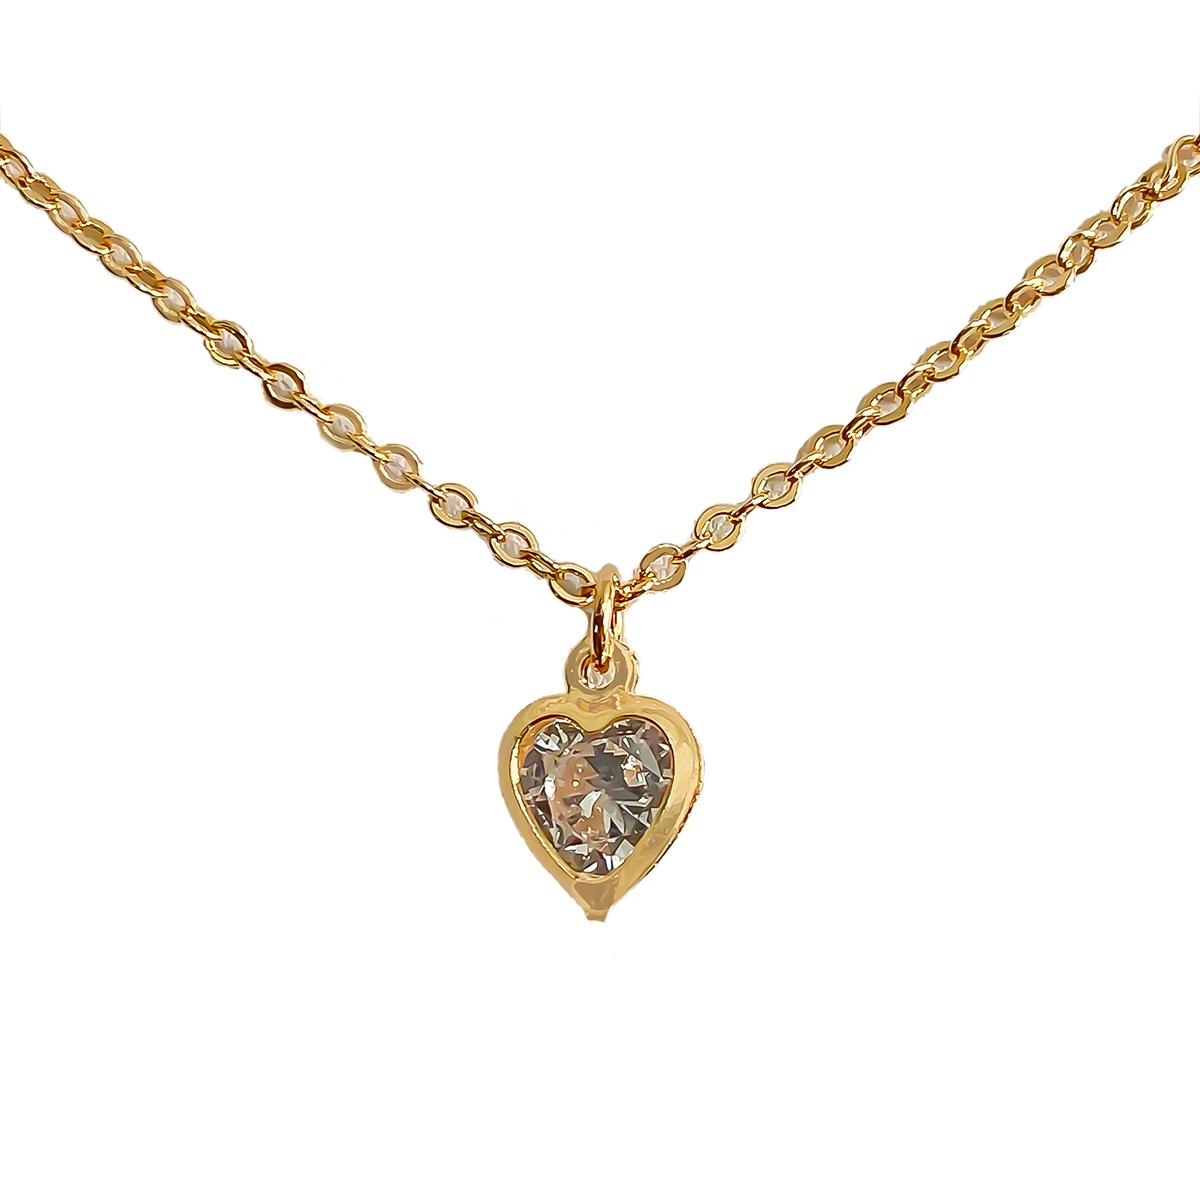 Colar Com Cristal Solitário De Coração Folheado Em Ouro